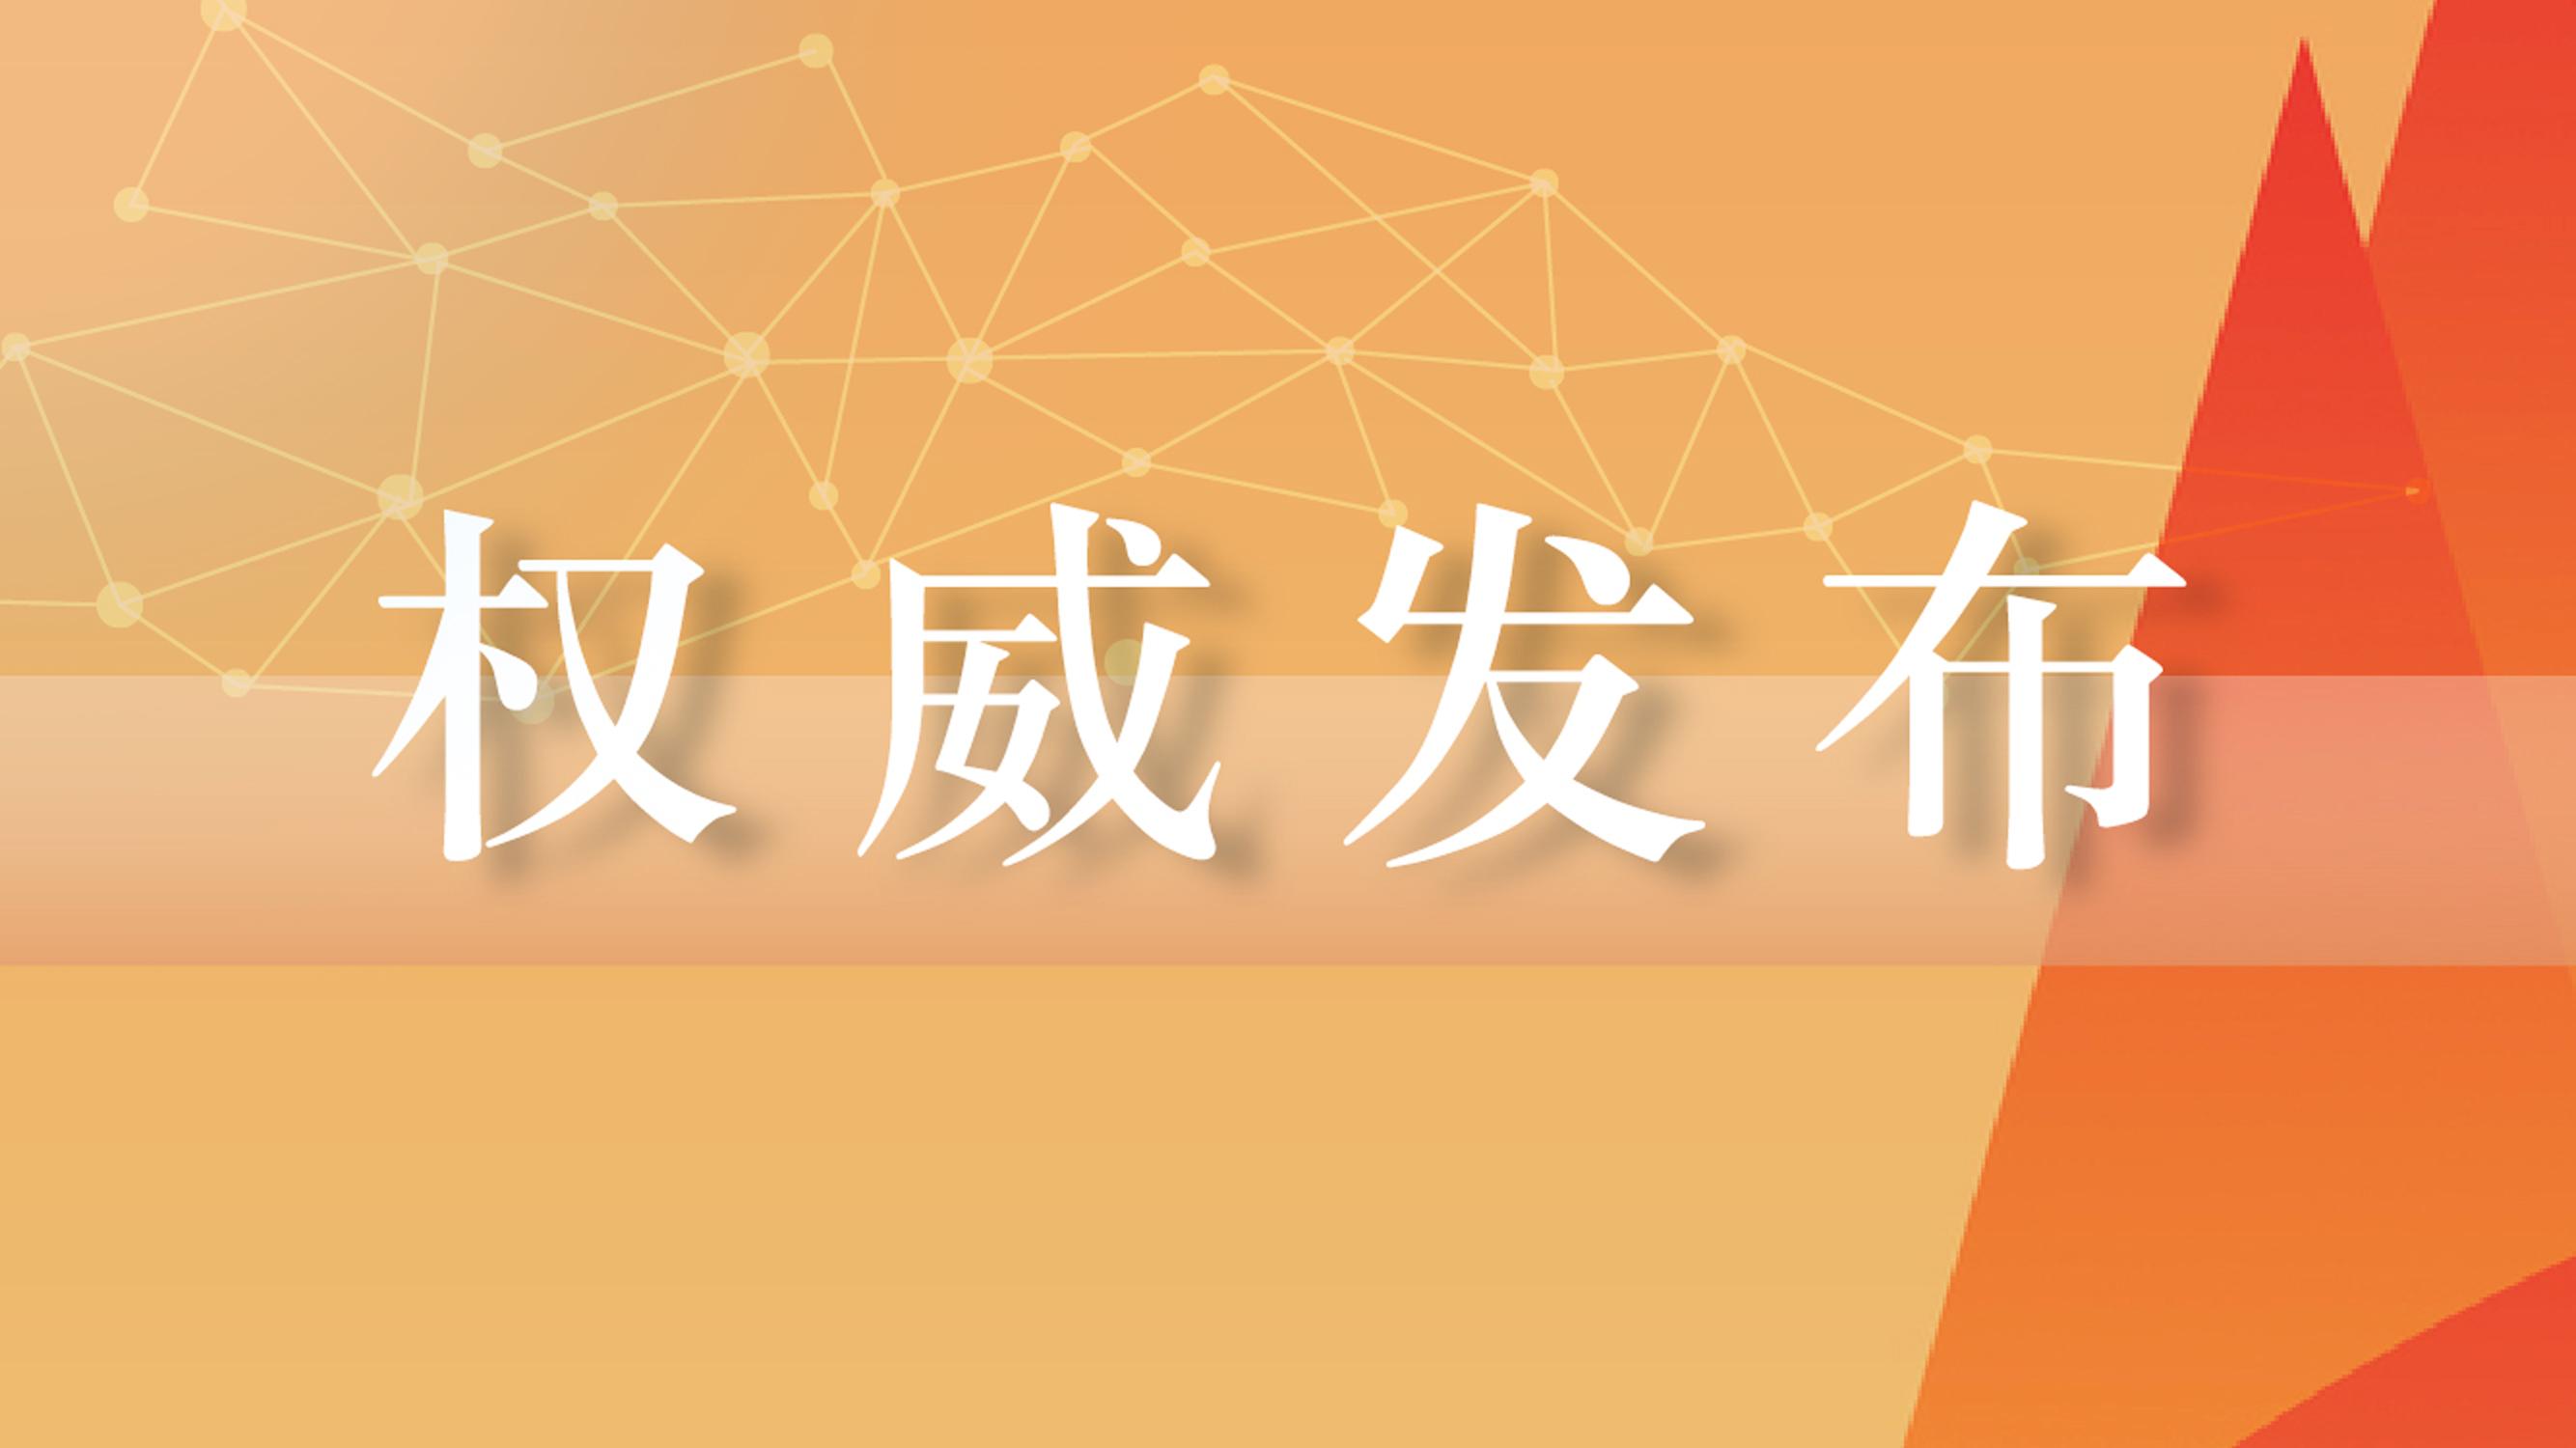 安岳县人大常委会原党组成员、副主任刘正华 严重违纪违法被开除党籍和公职